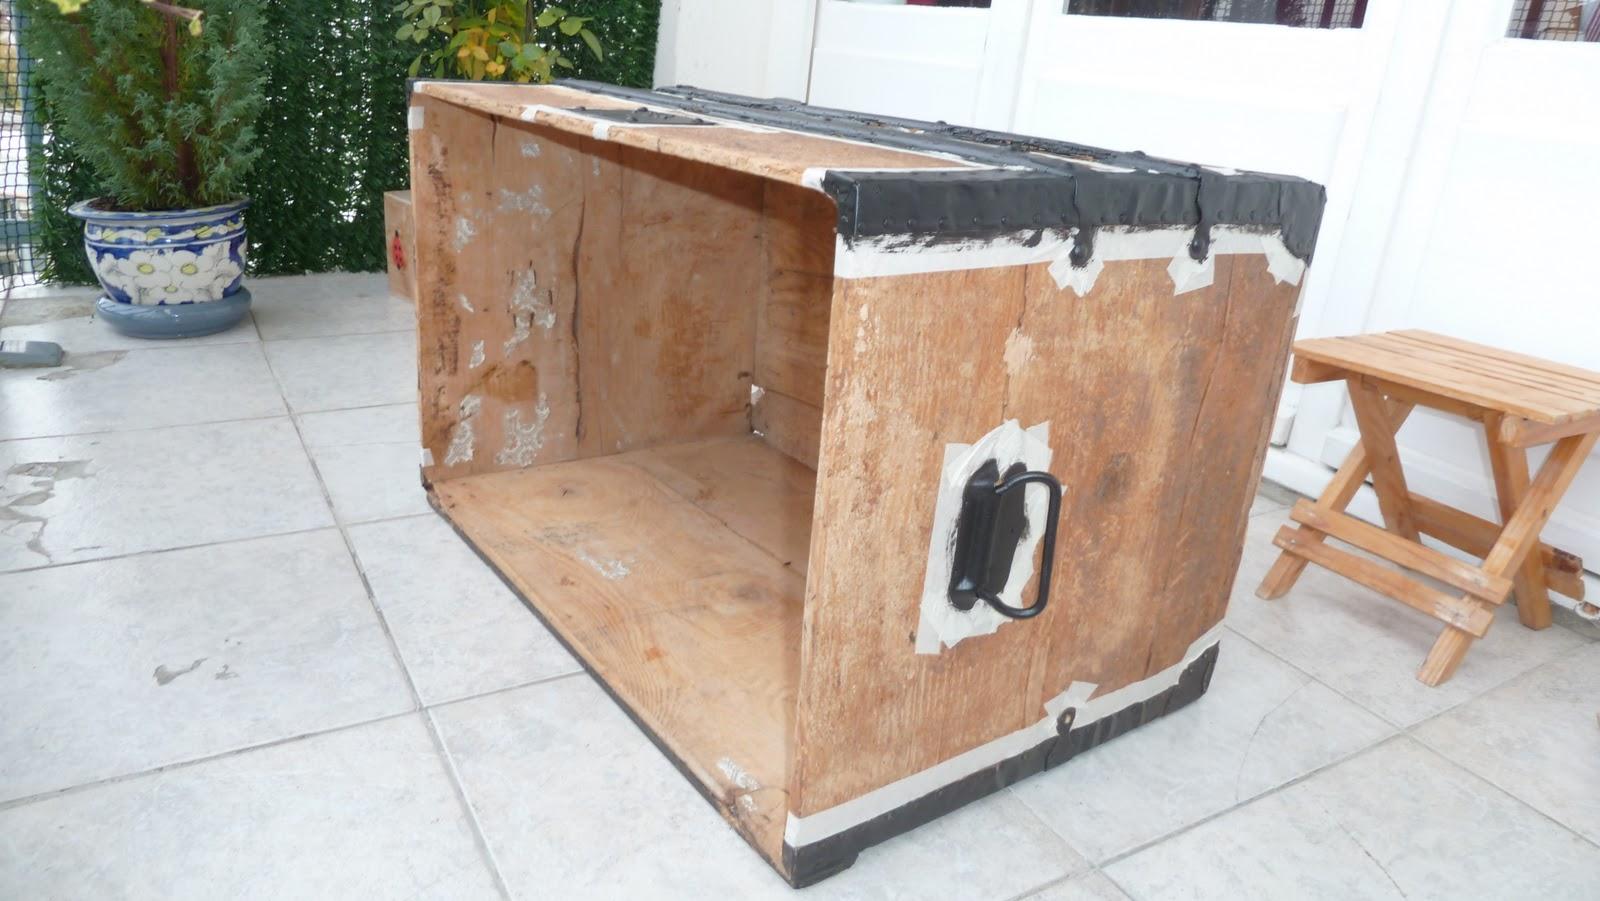 mamzelle chacha co comment retaper une malle de voyage en bois. Black Bedroom Furniture Sets. Home Design Ideas